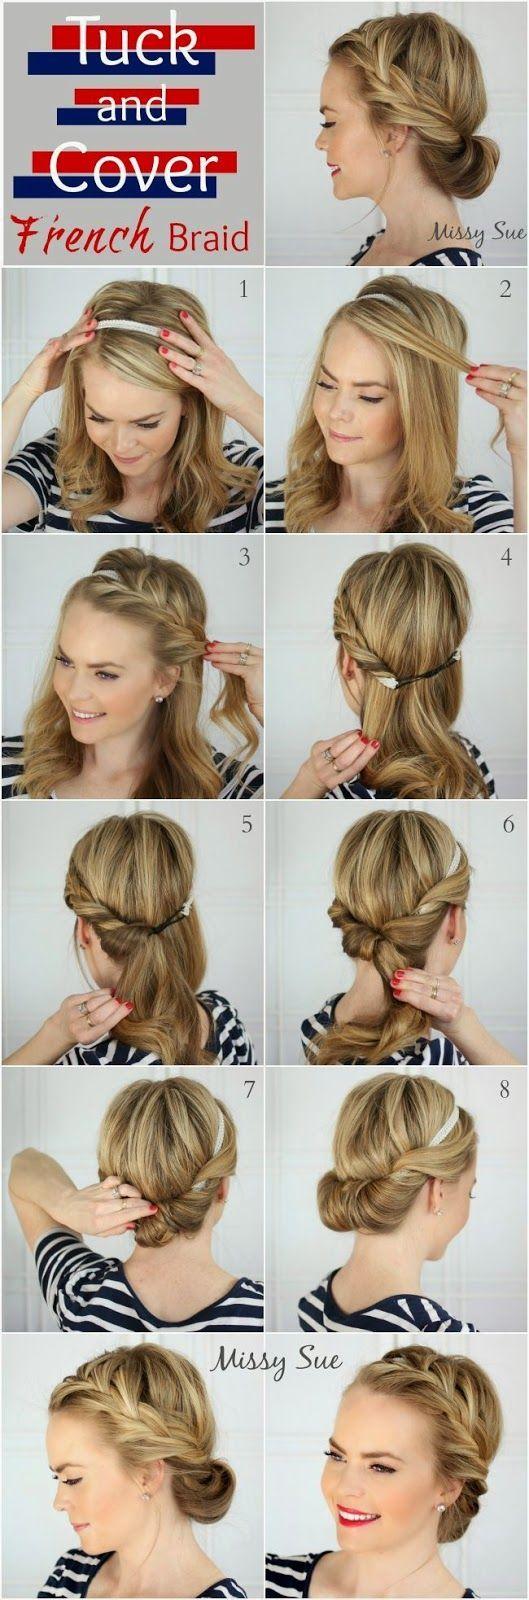 Plus De 1000 Ides Propos De MODE Cheveux Sur Pinterest